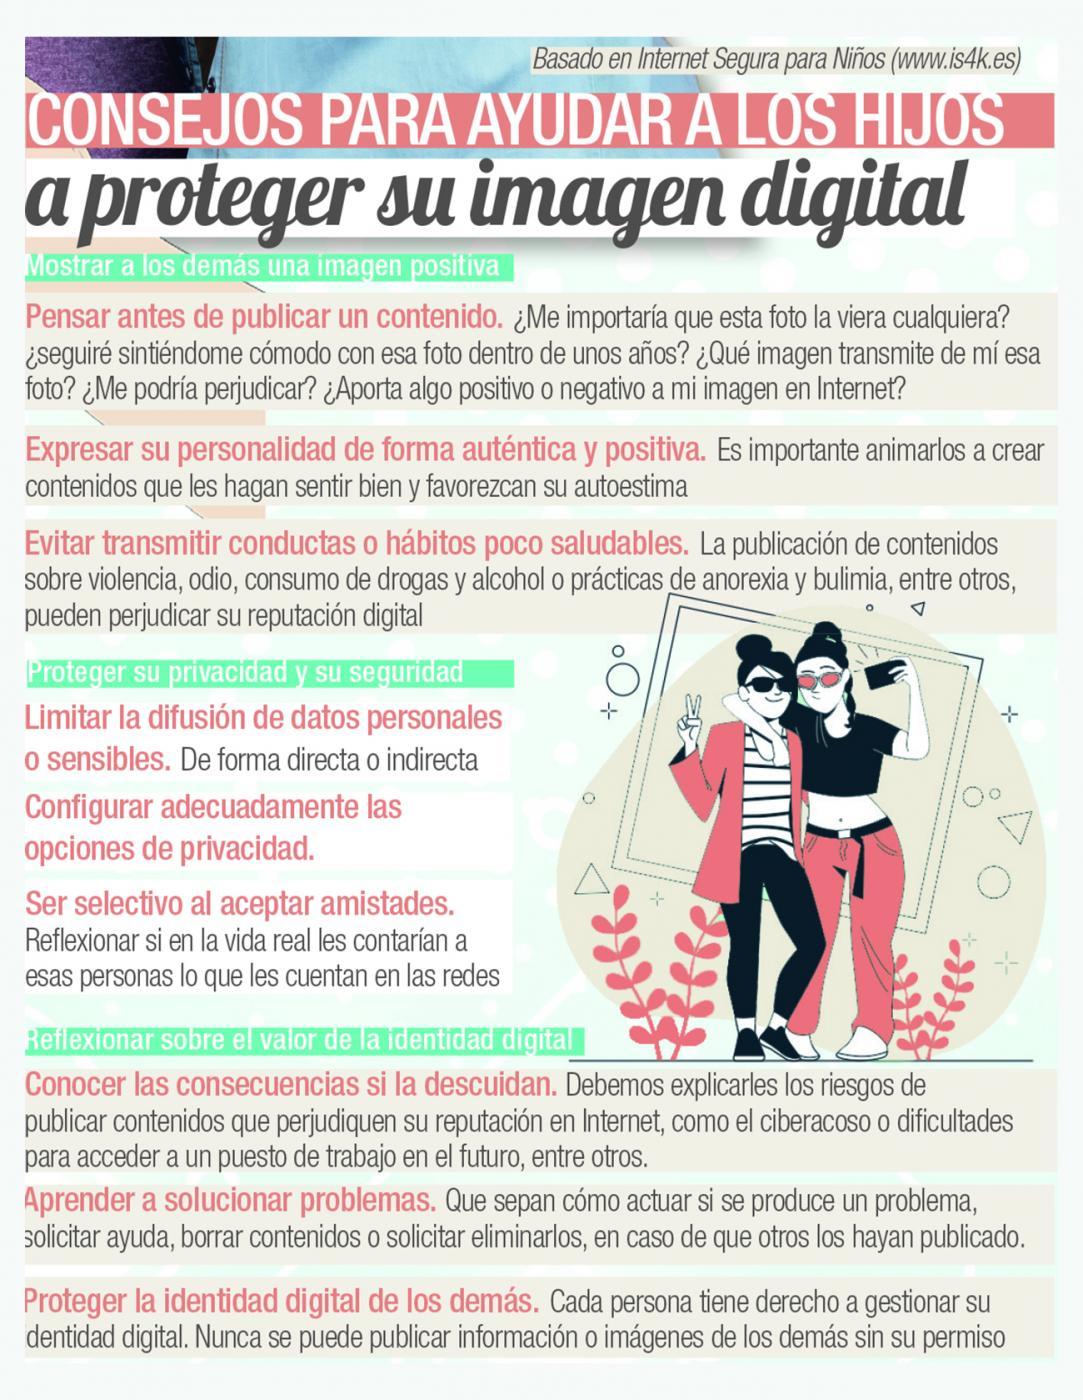 Consejos para ayudar a los hijos a proteger su imagen digital.